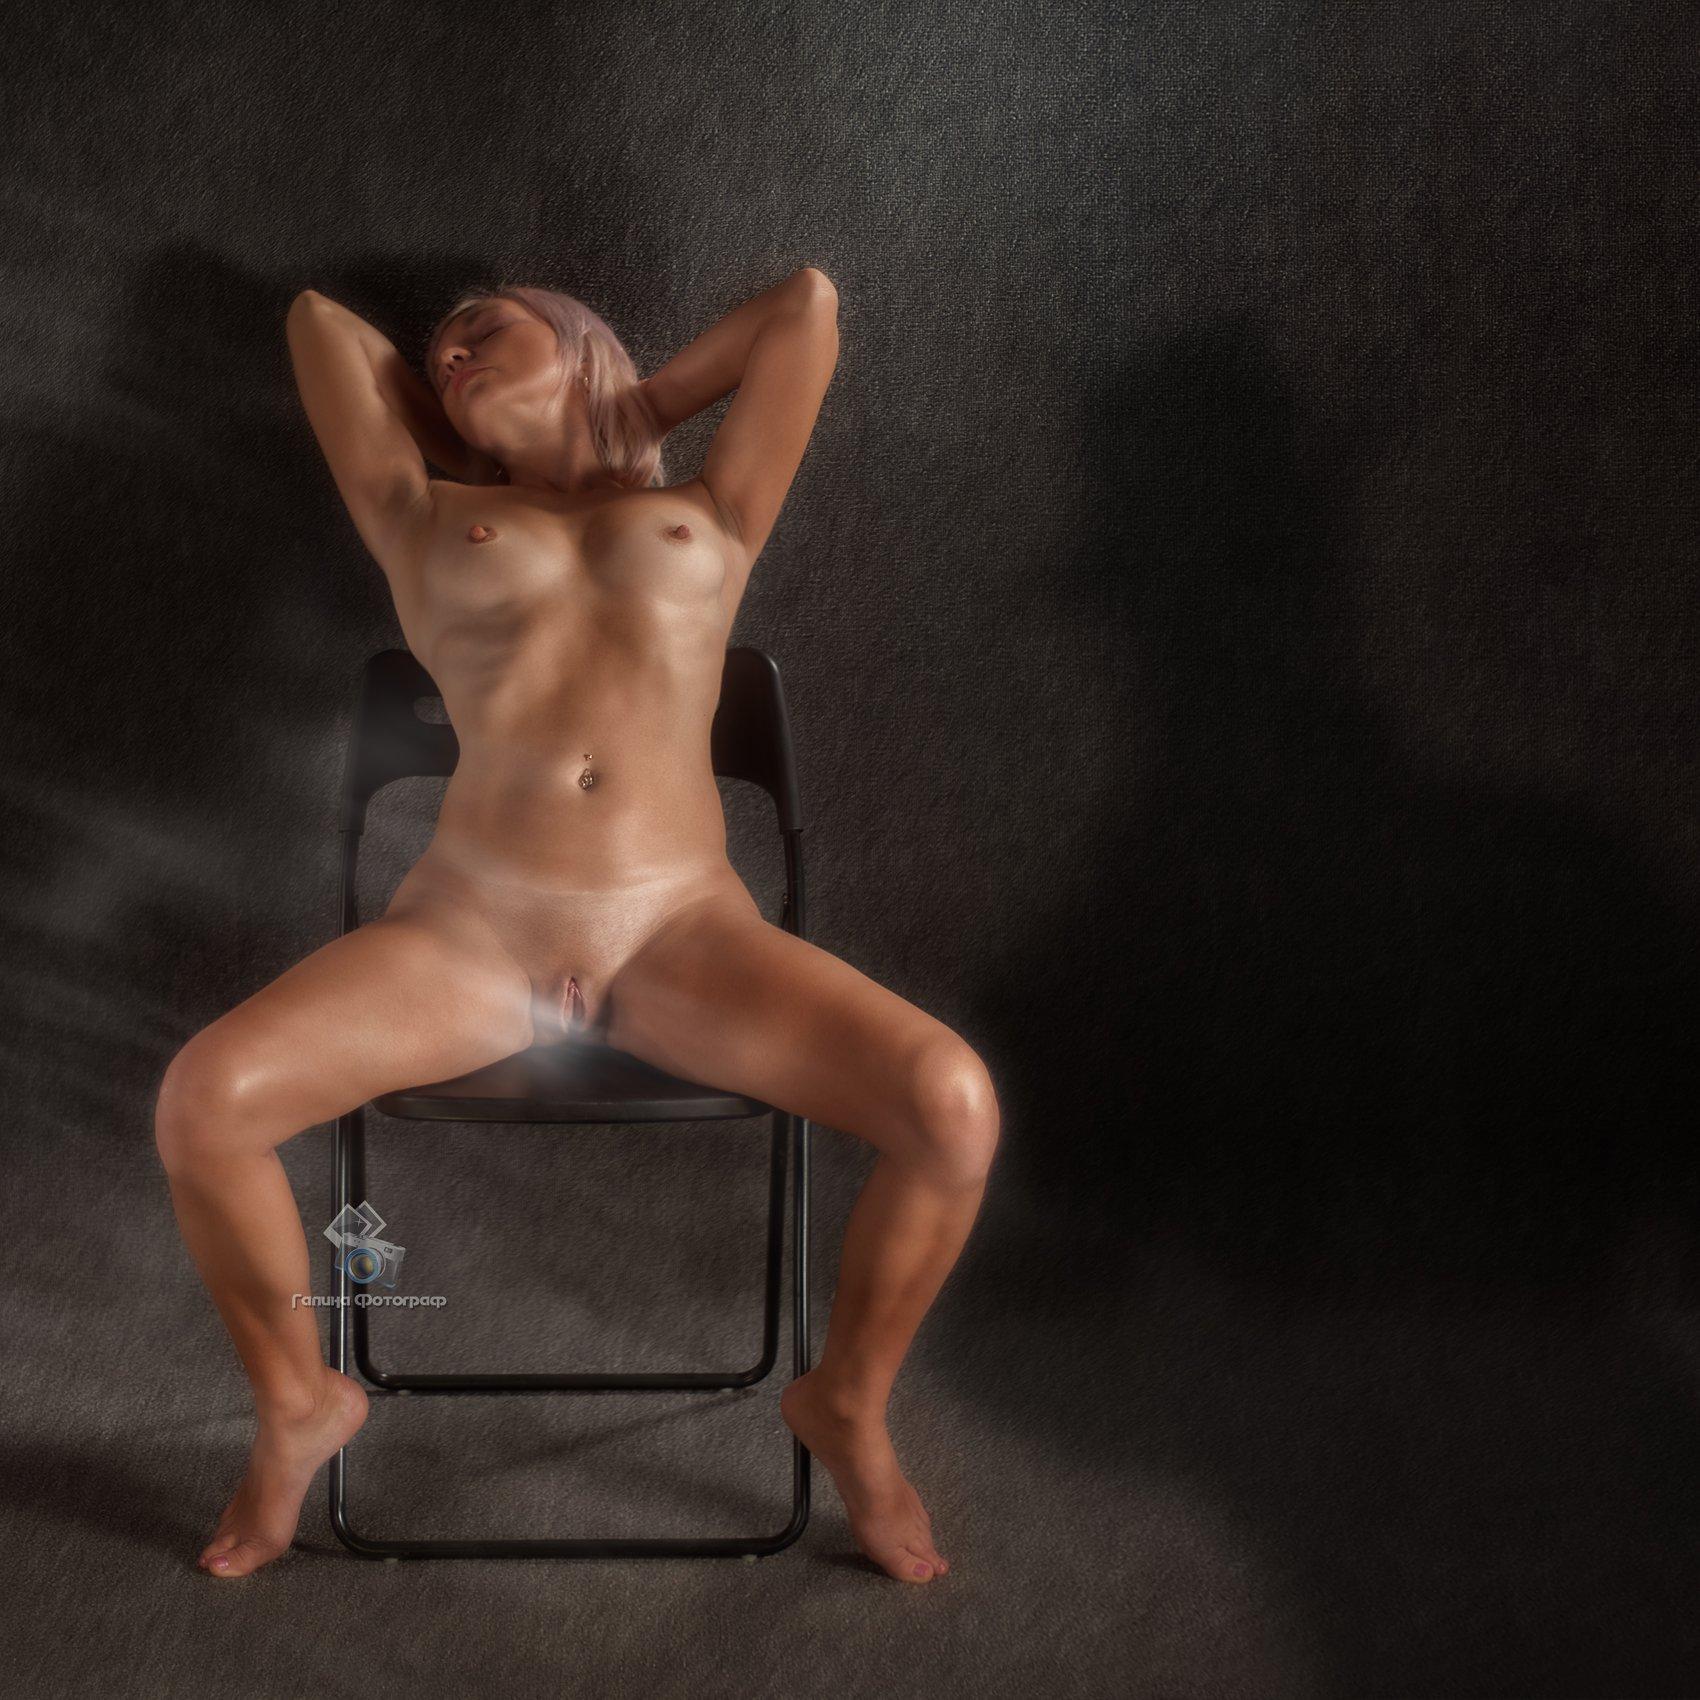 art nu,  photo, photography, eroticism, sexual, artistic erotica, girl, naked body, nude, nu, топлес, фотохудожники, художественная фотография, ретушь, эротика, ню, обнажённое тело, сексуальность, фотосессии в краснодаре, Галя